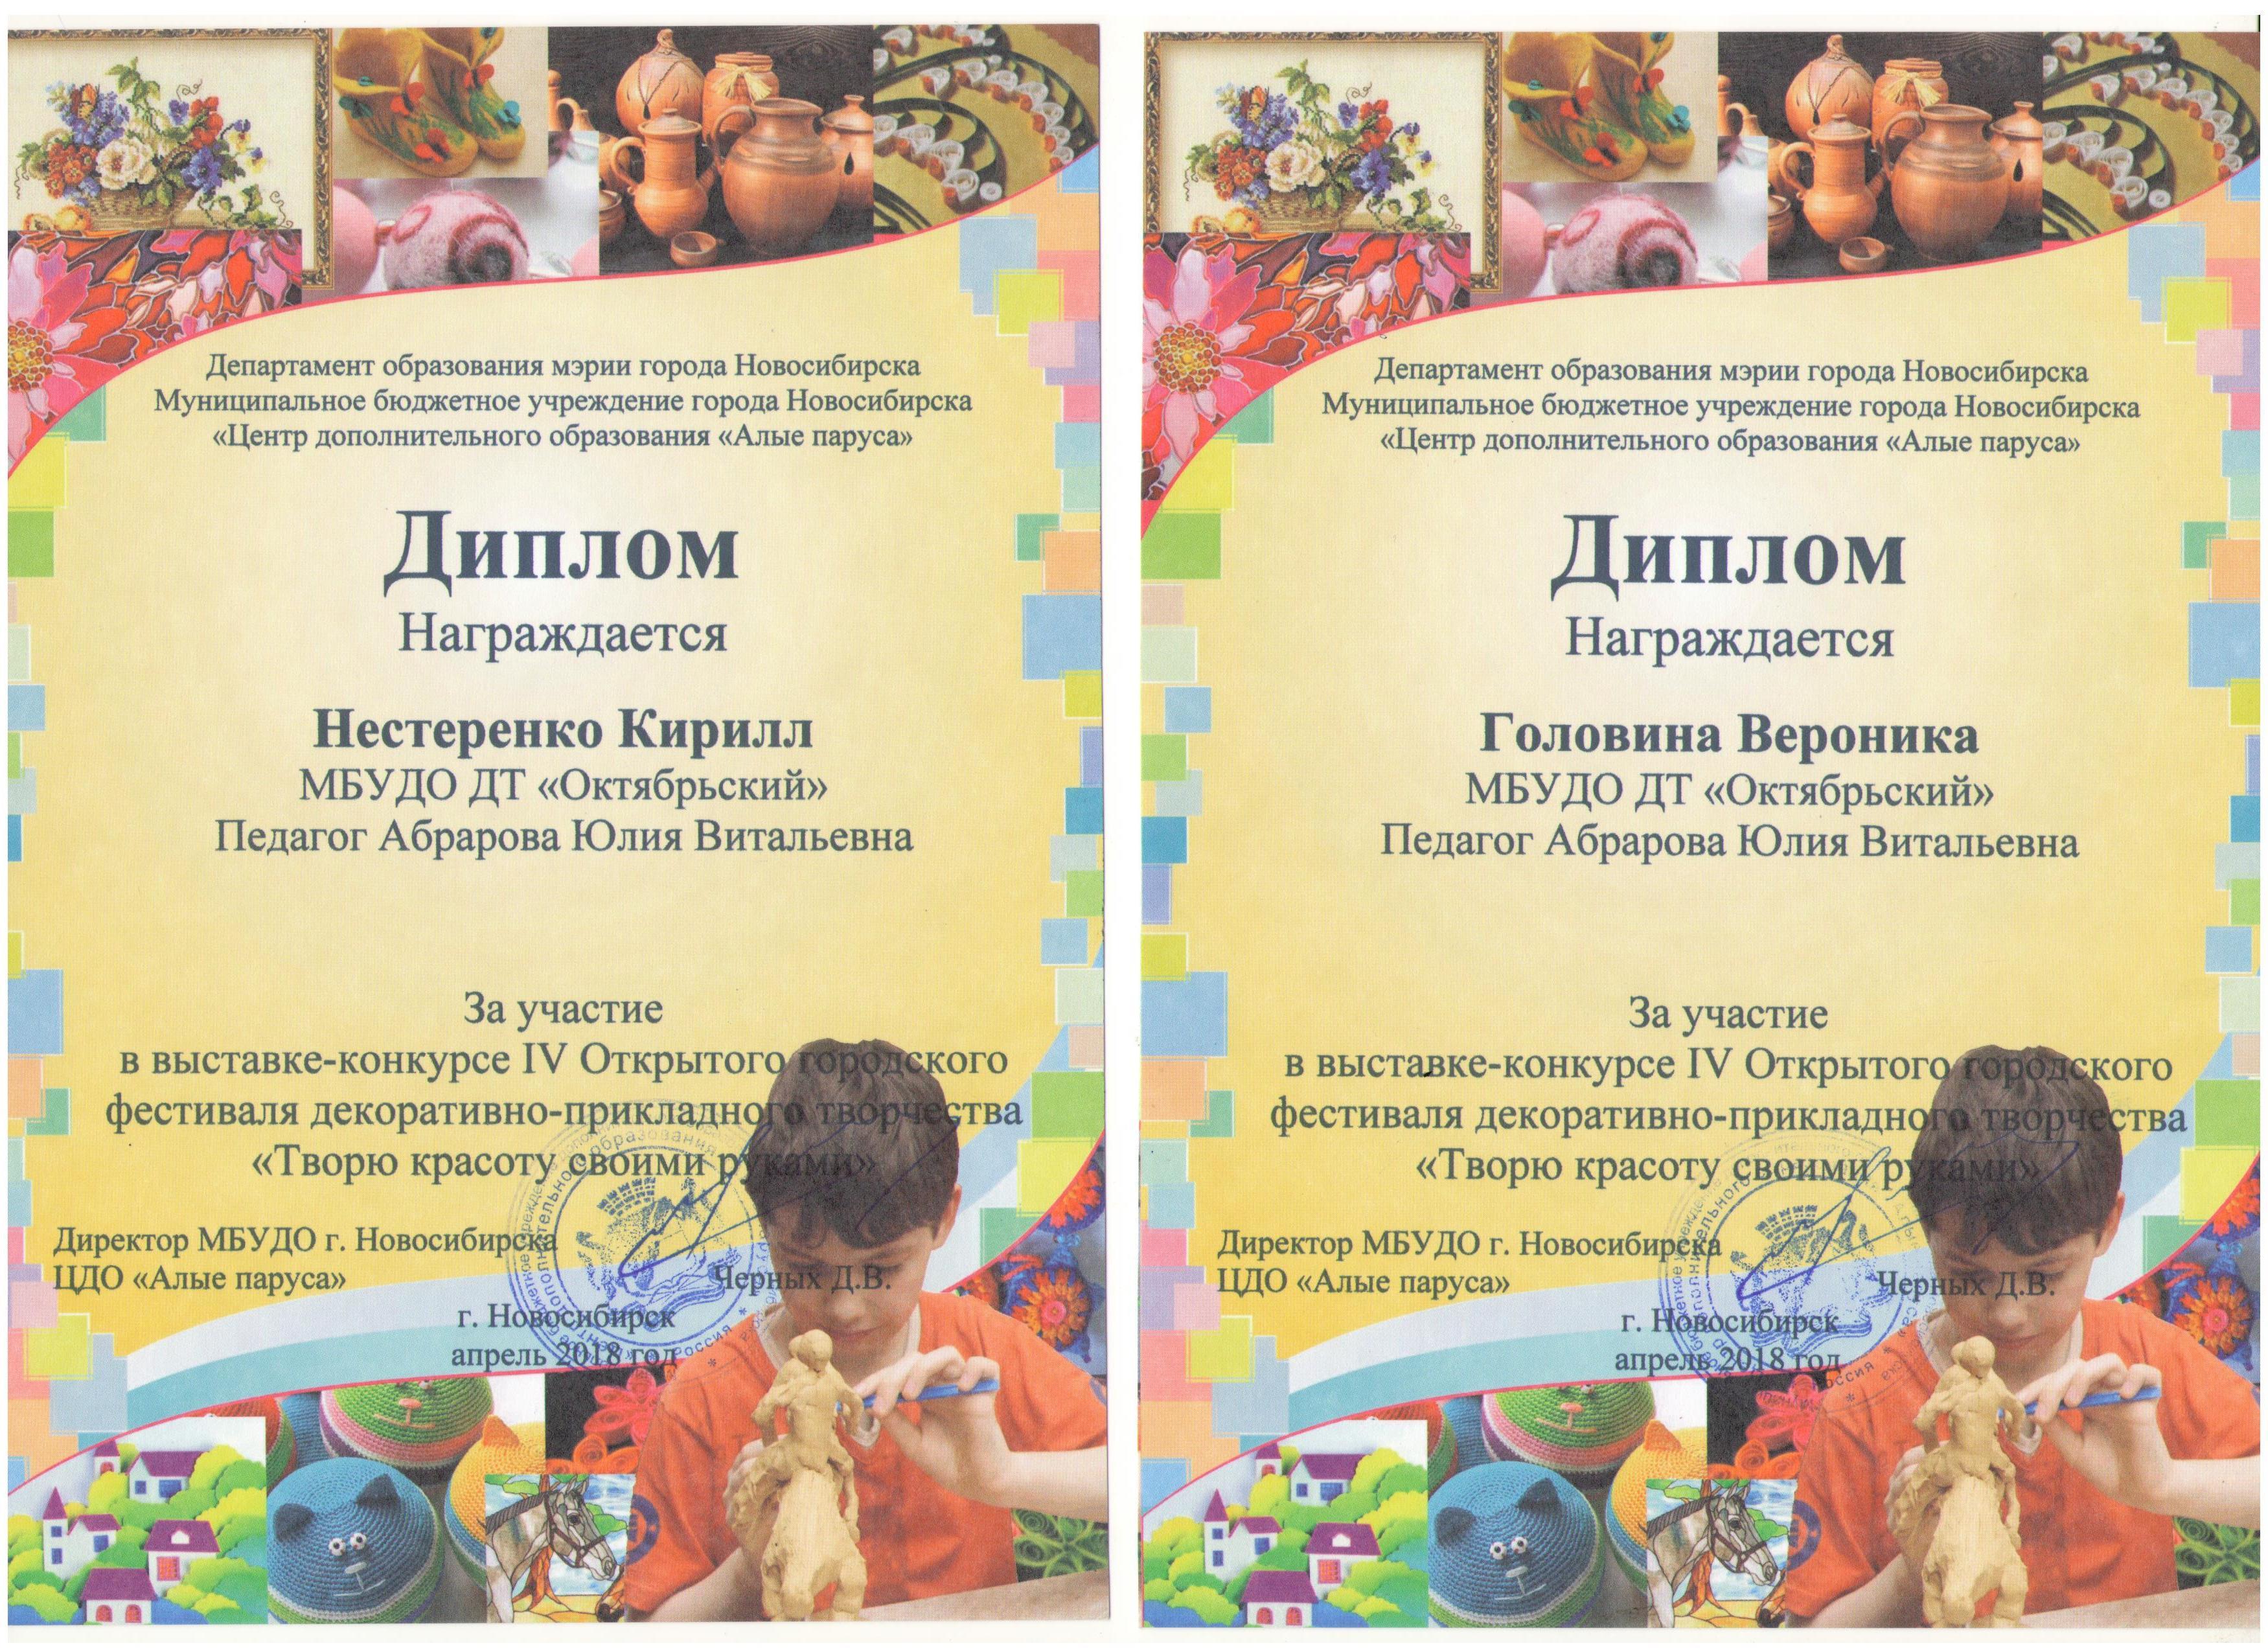 ГоловинаНестеренко_Творим-красоту_24.04.18-001